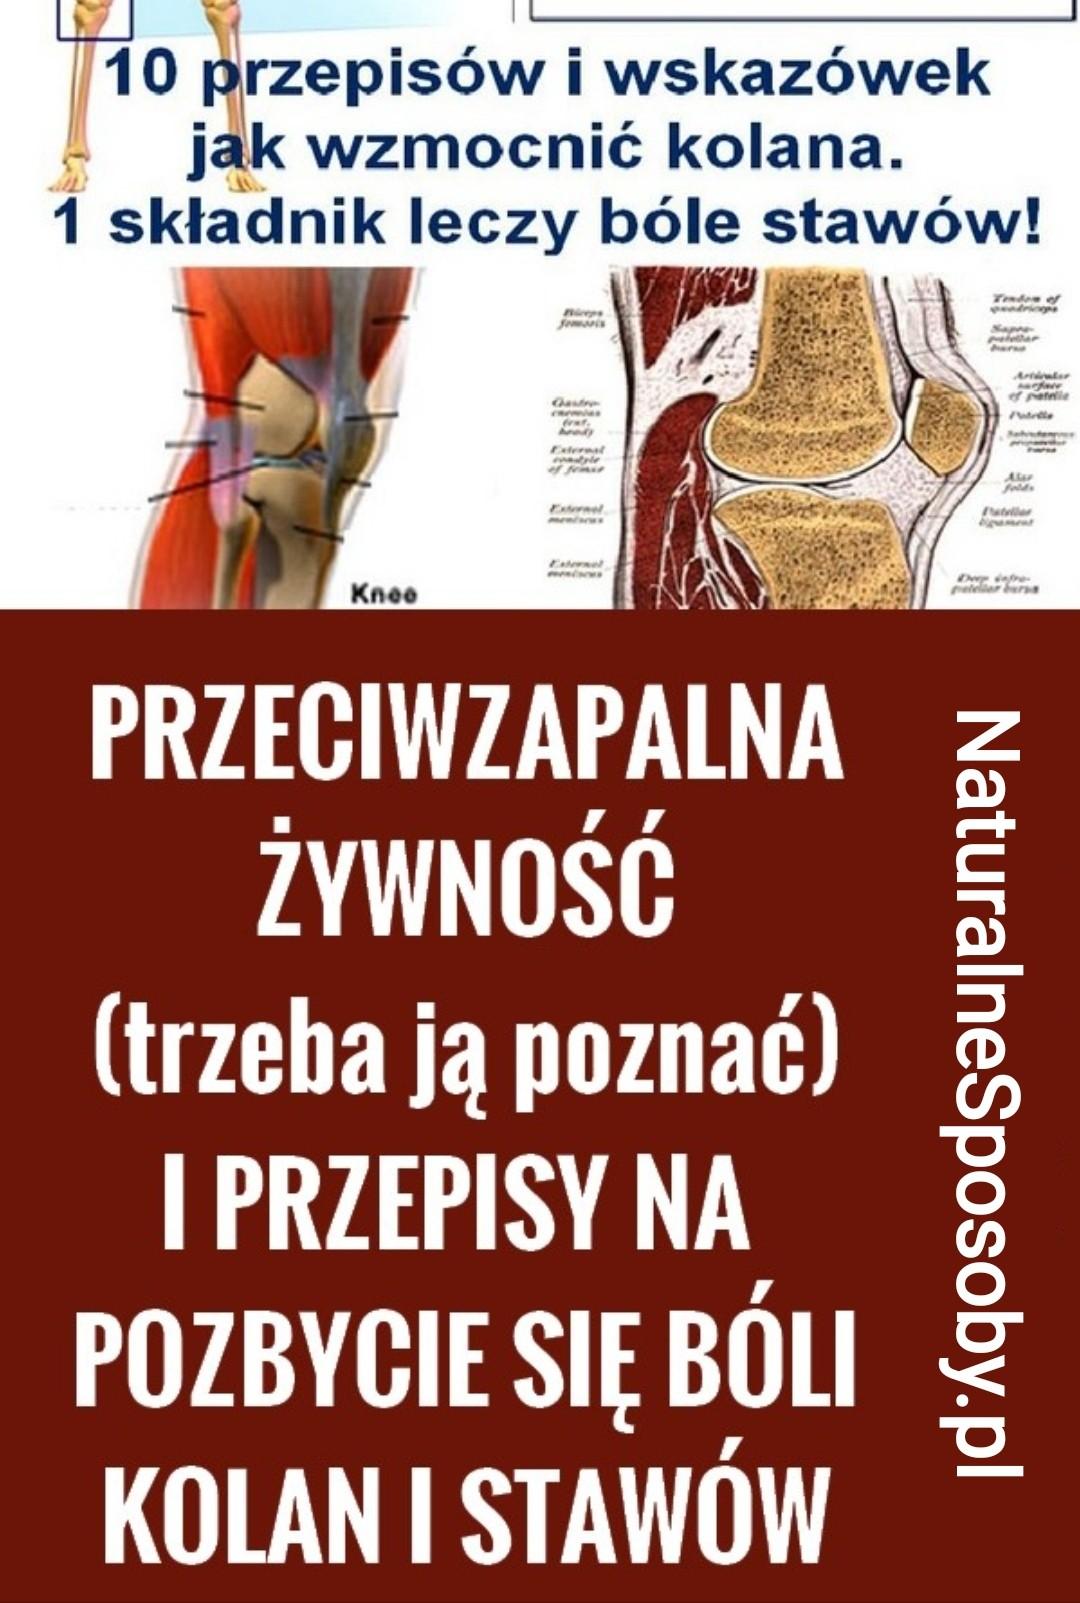 NaturalneSposoby.pl-zywnosc-przeciwzapalna-przepisy